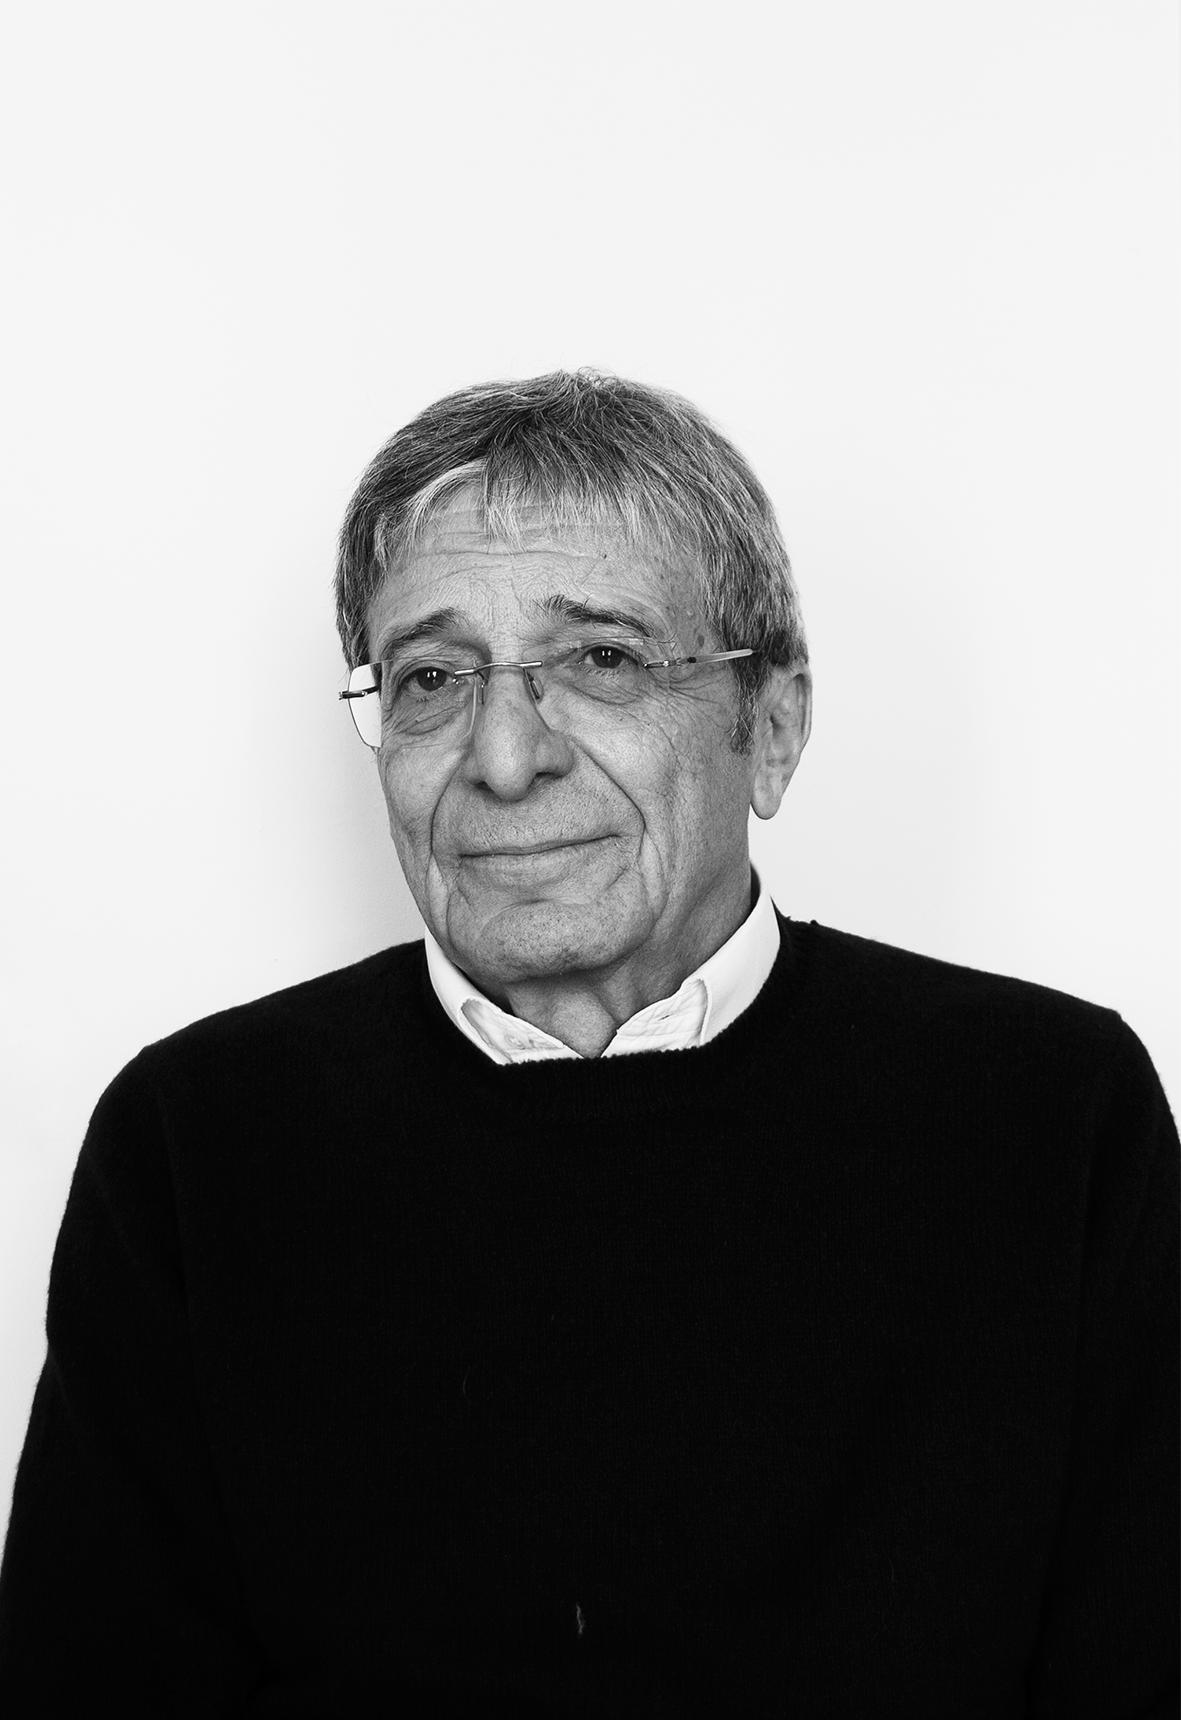 Manuel-Valdes-Miyar-Psiquiatra